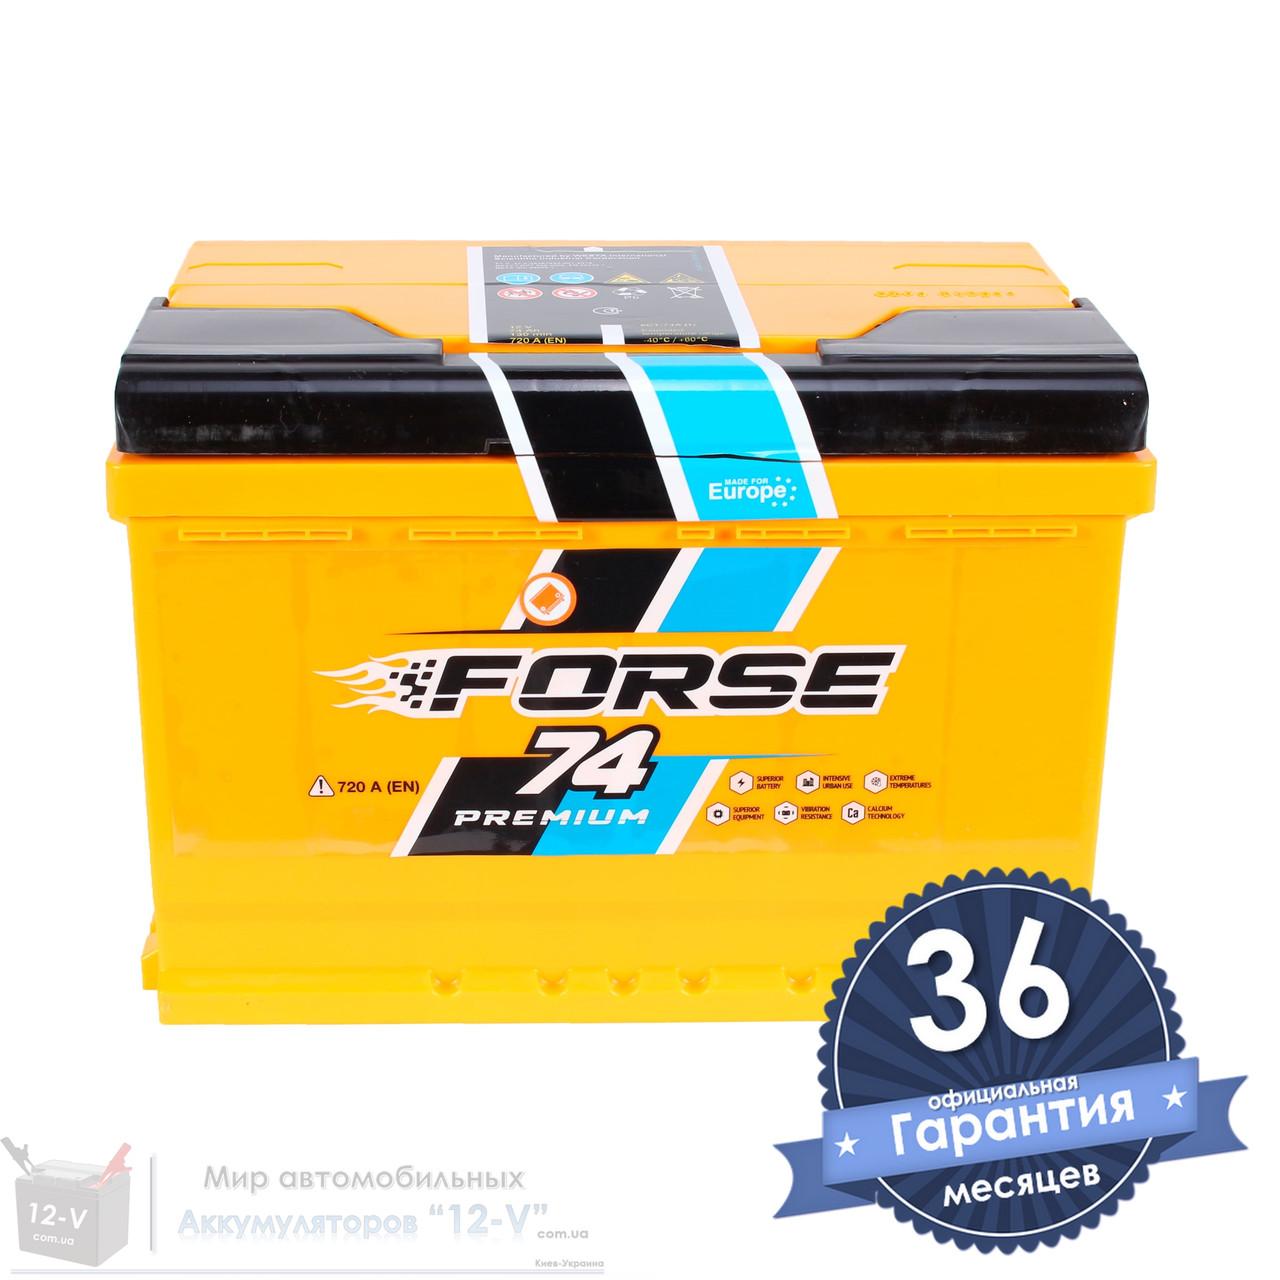 Аккумулятор автомобильный FORSE 6CT 74Ah, пусковой ток 720А [+|–]